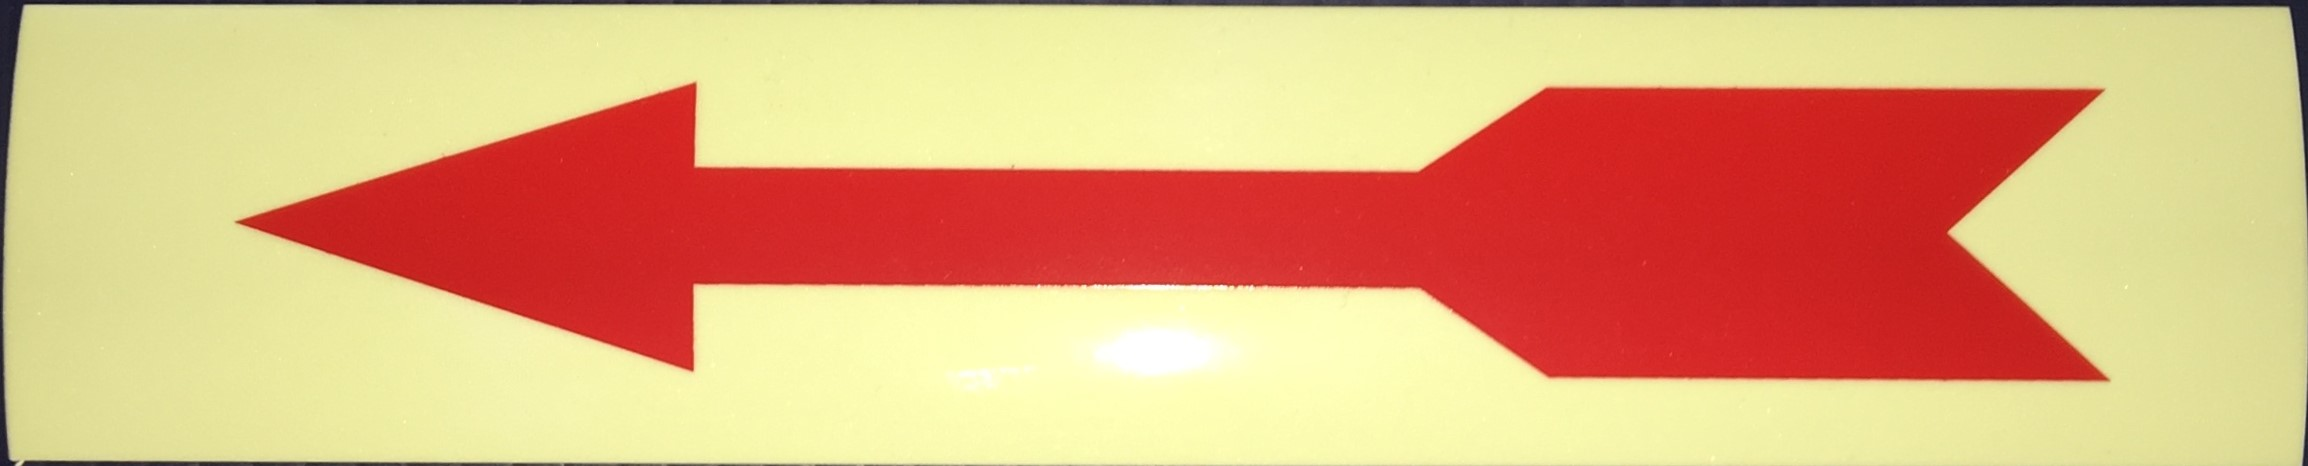 #379  10x2 Vinyl Sticker -#1081